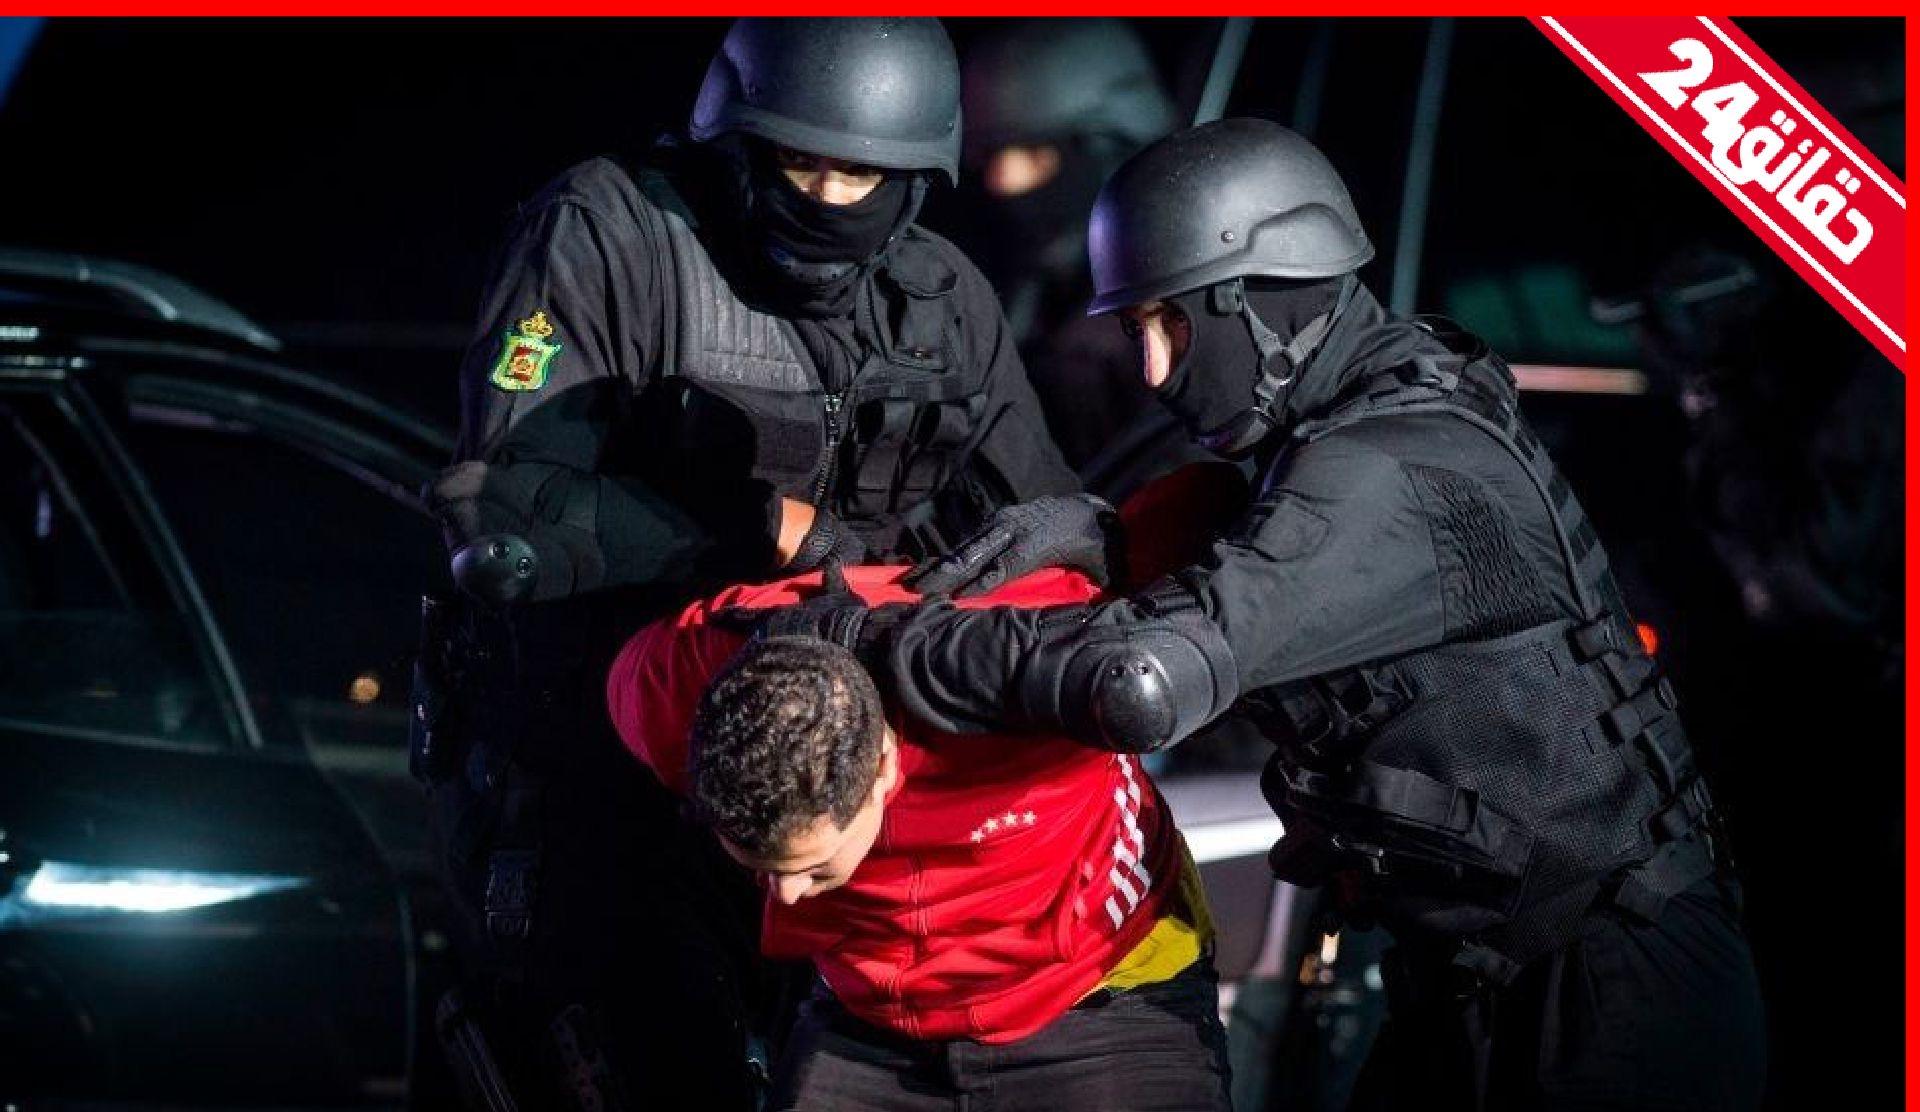 """صورة عصابة تقوم باختطاف واحتجاز """"الحراكة"""" لطلب فدية من أسرهم"""